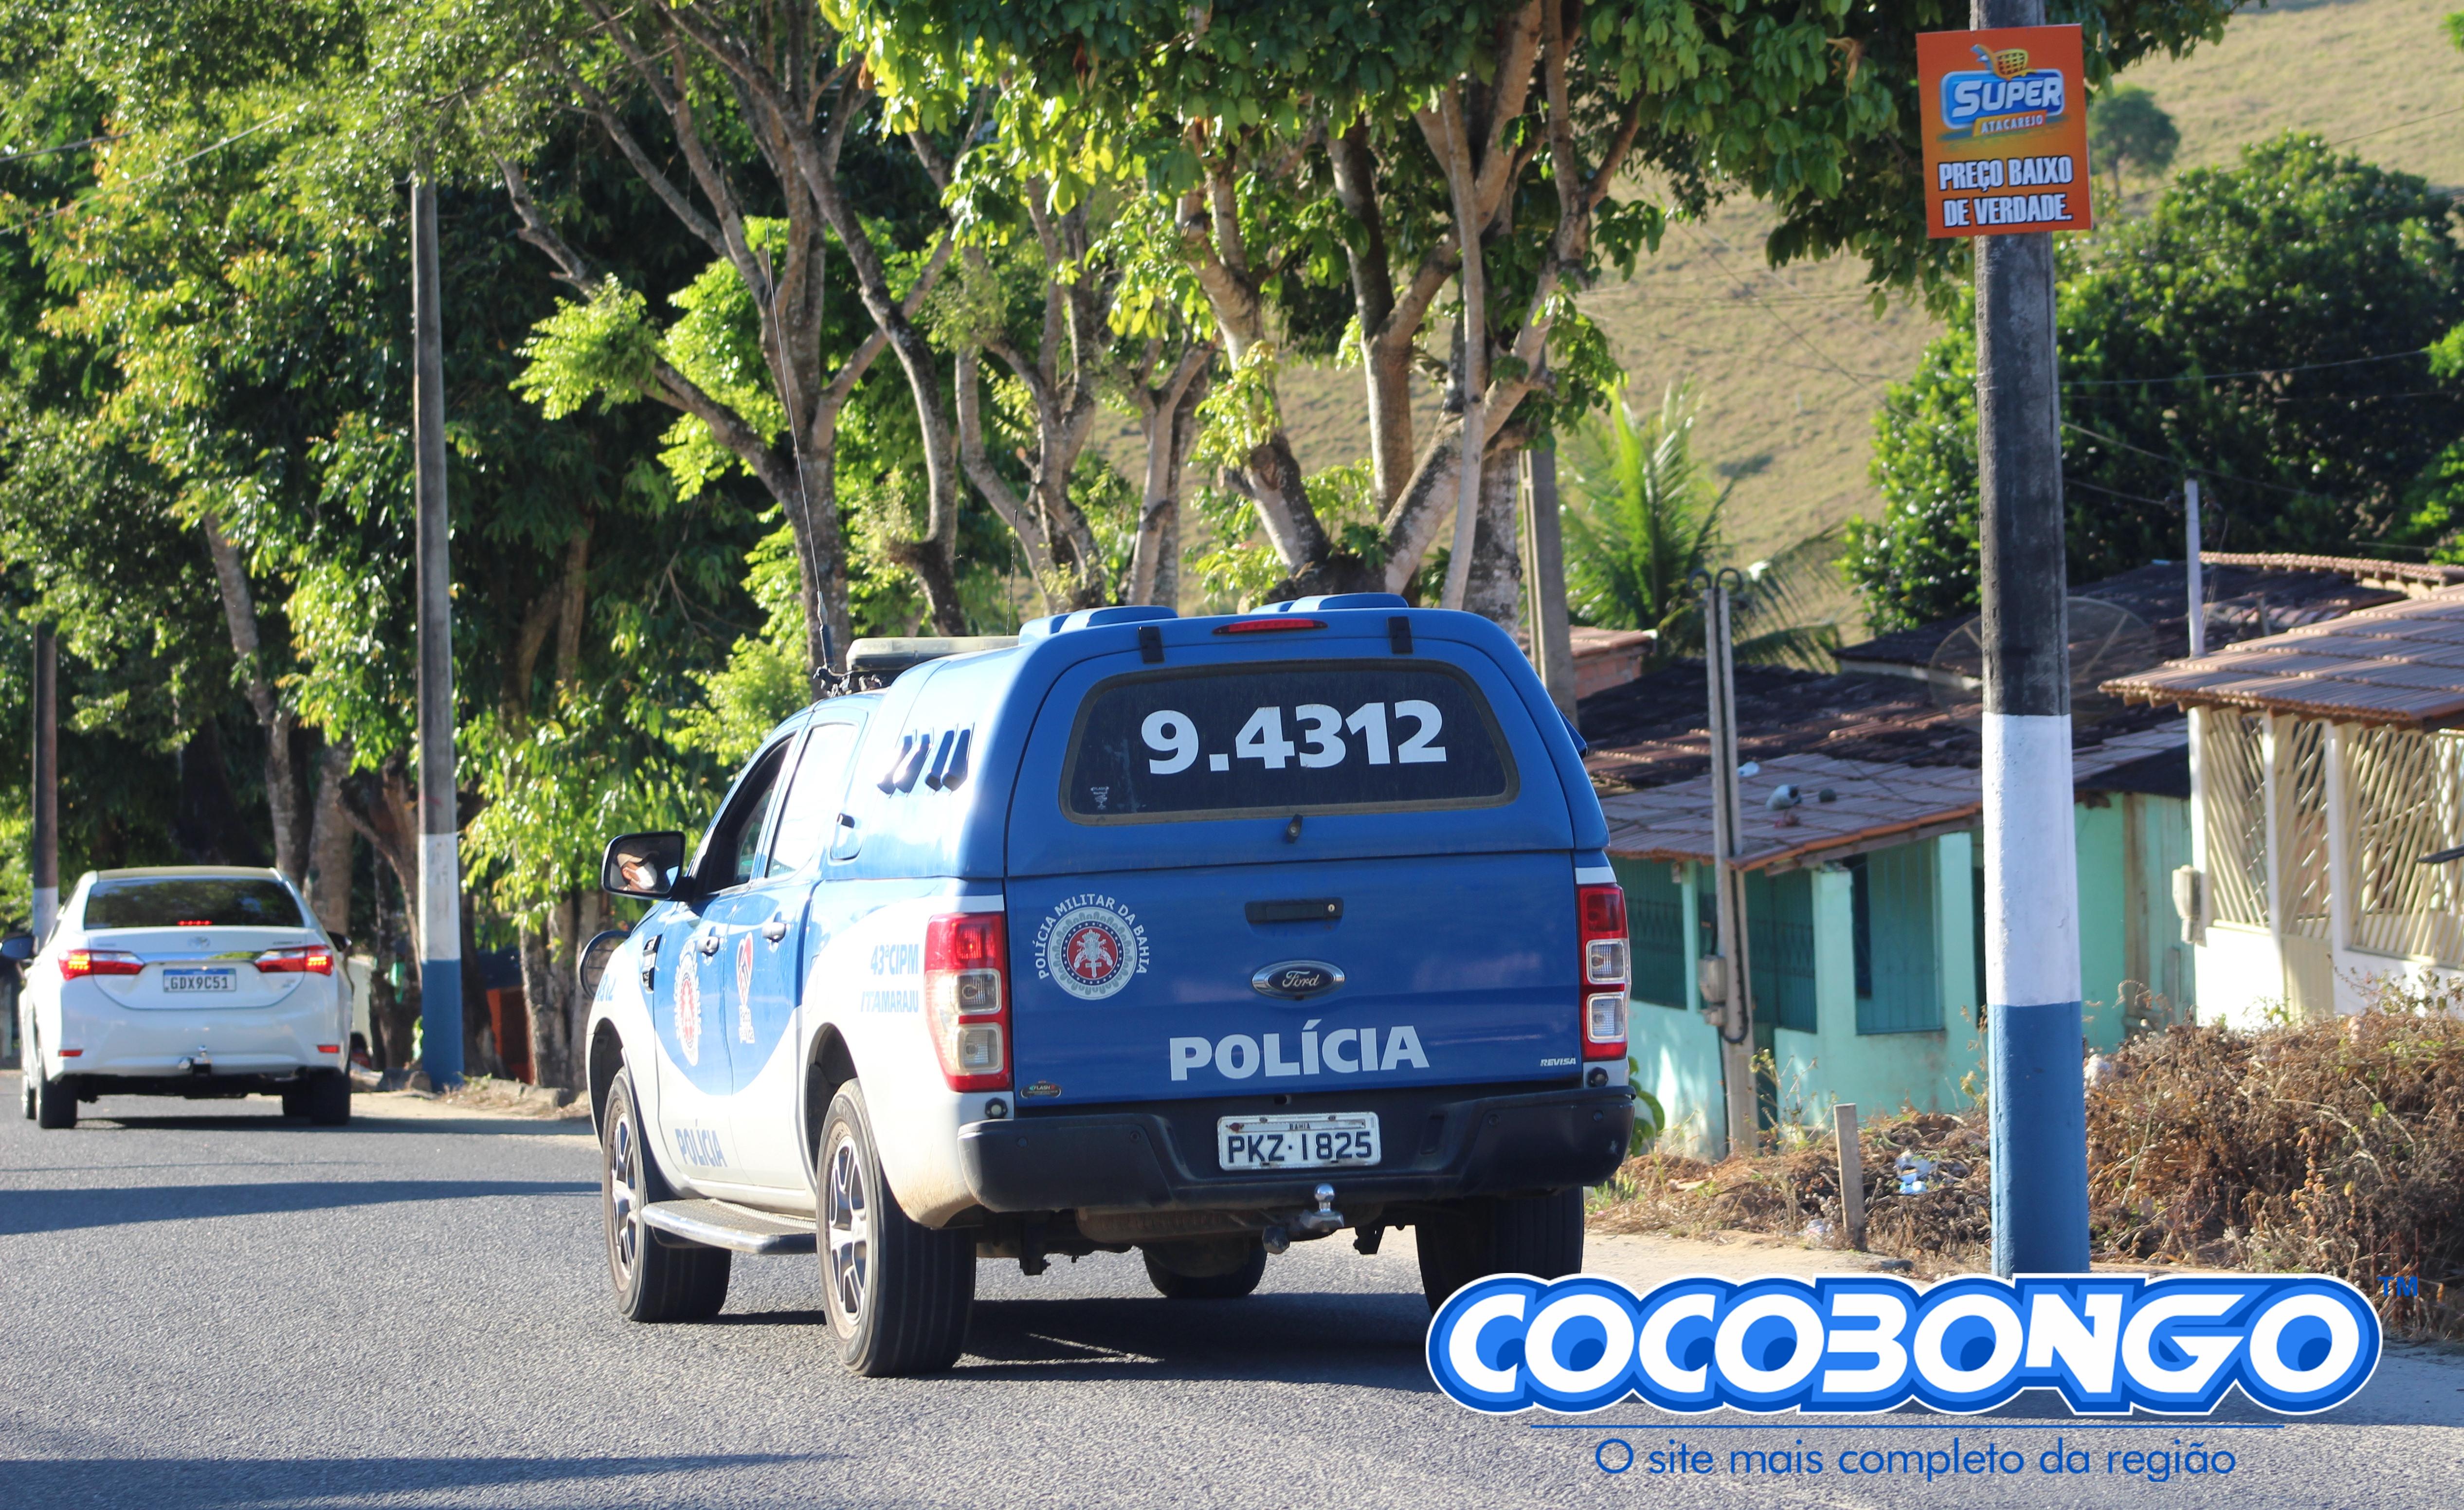 43ª CIPM/Itamaraju prende dupla por tráfico de drogas